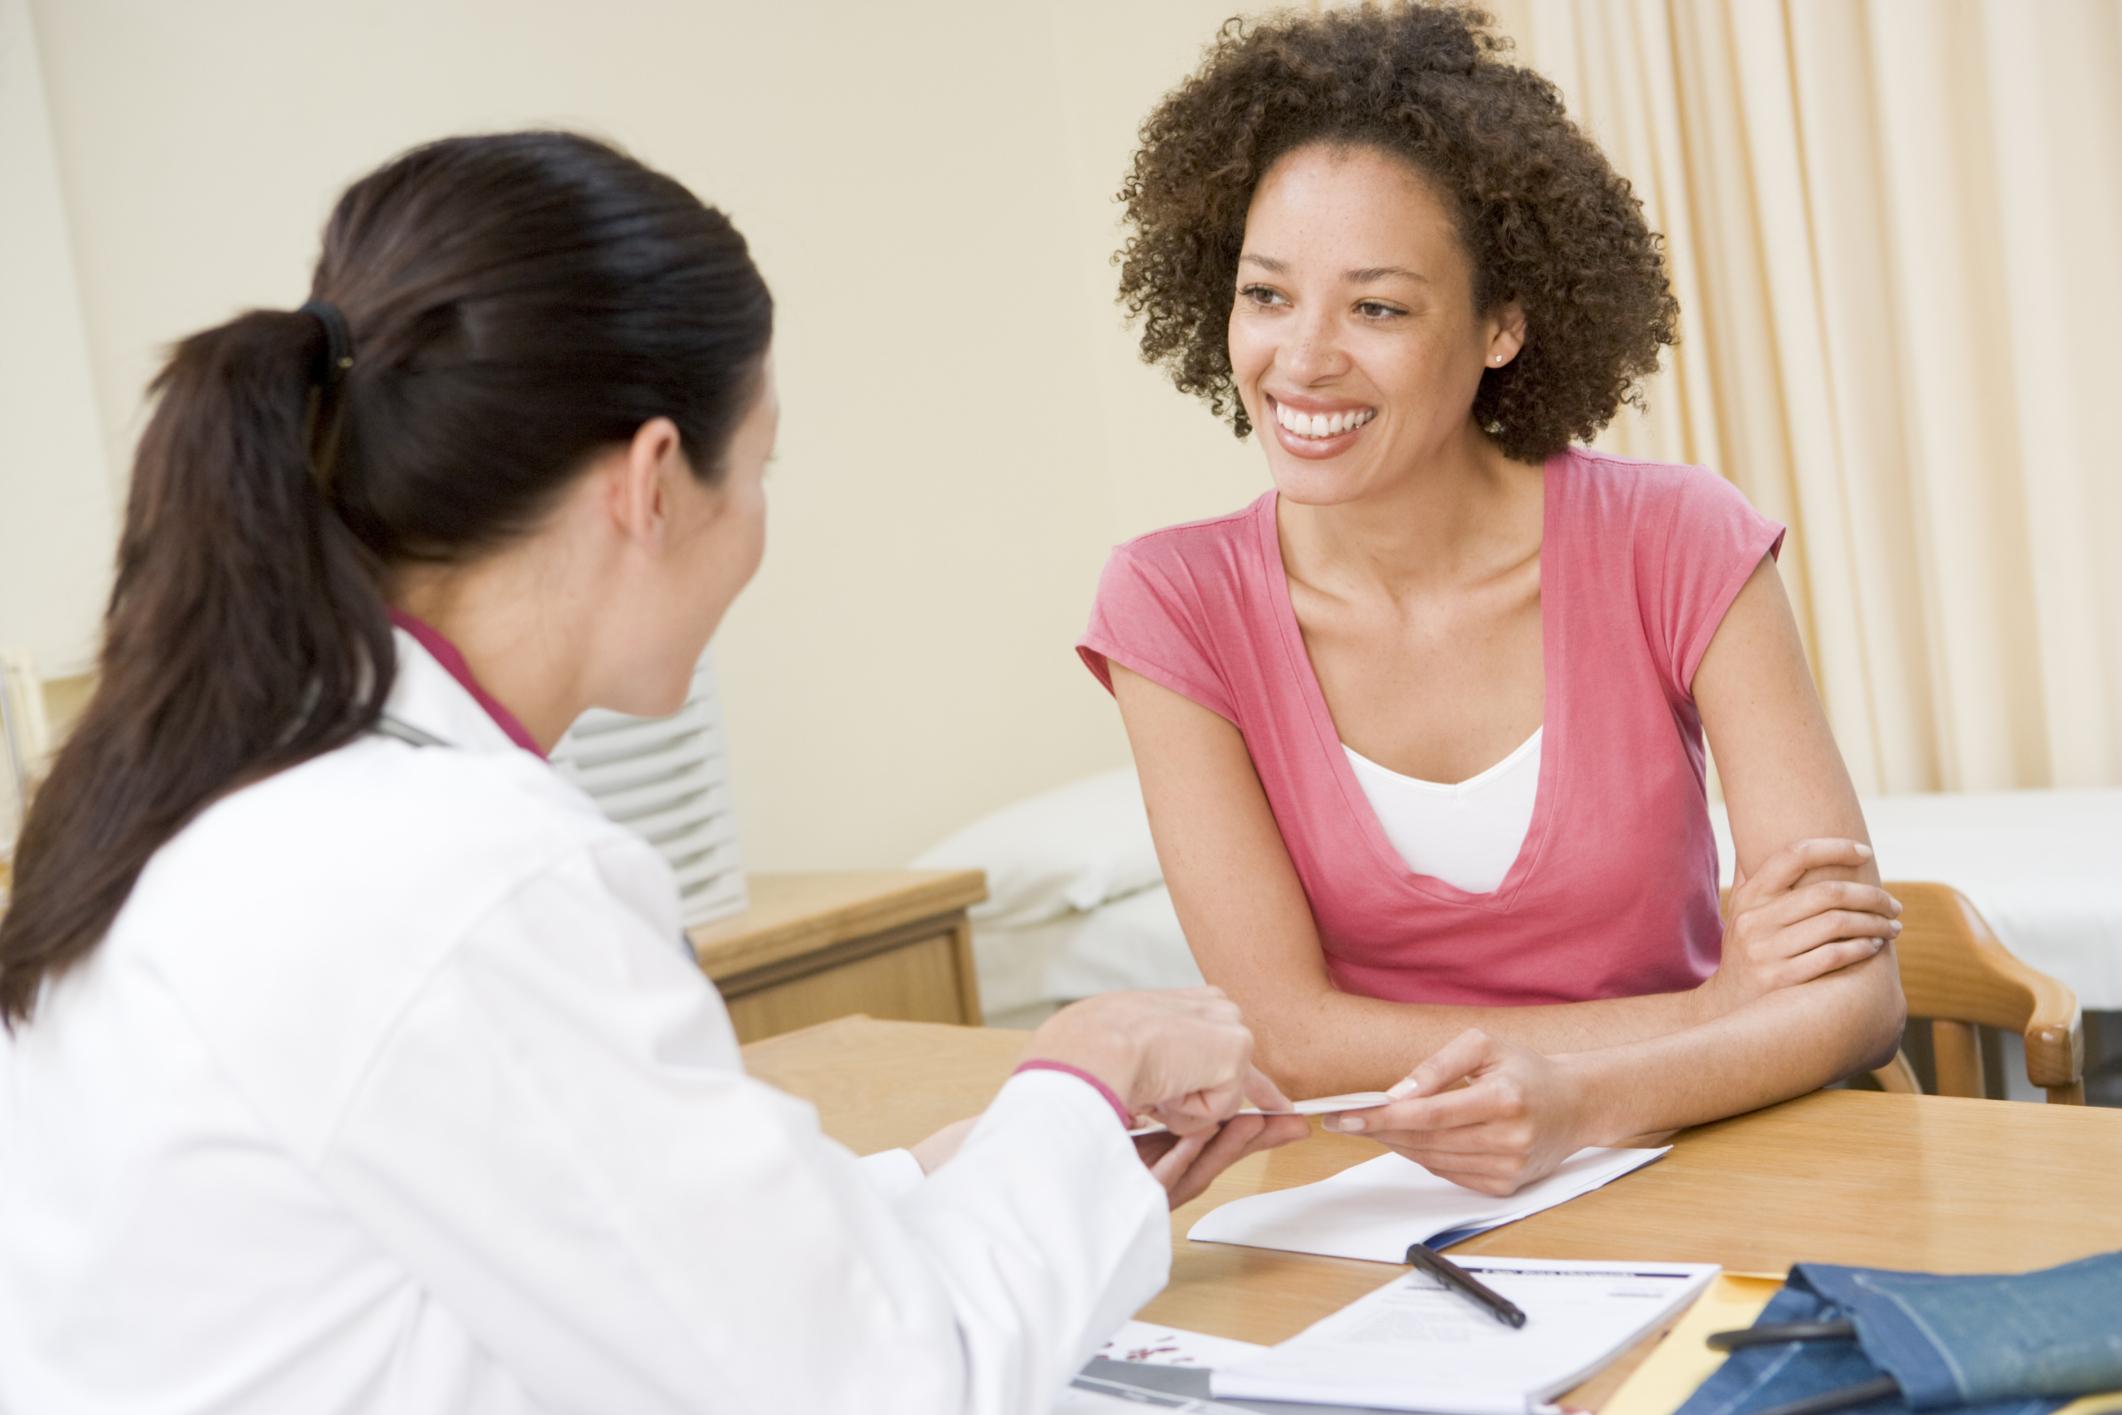 mulher em consultório médico conversando com médica